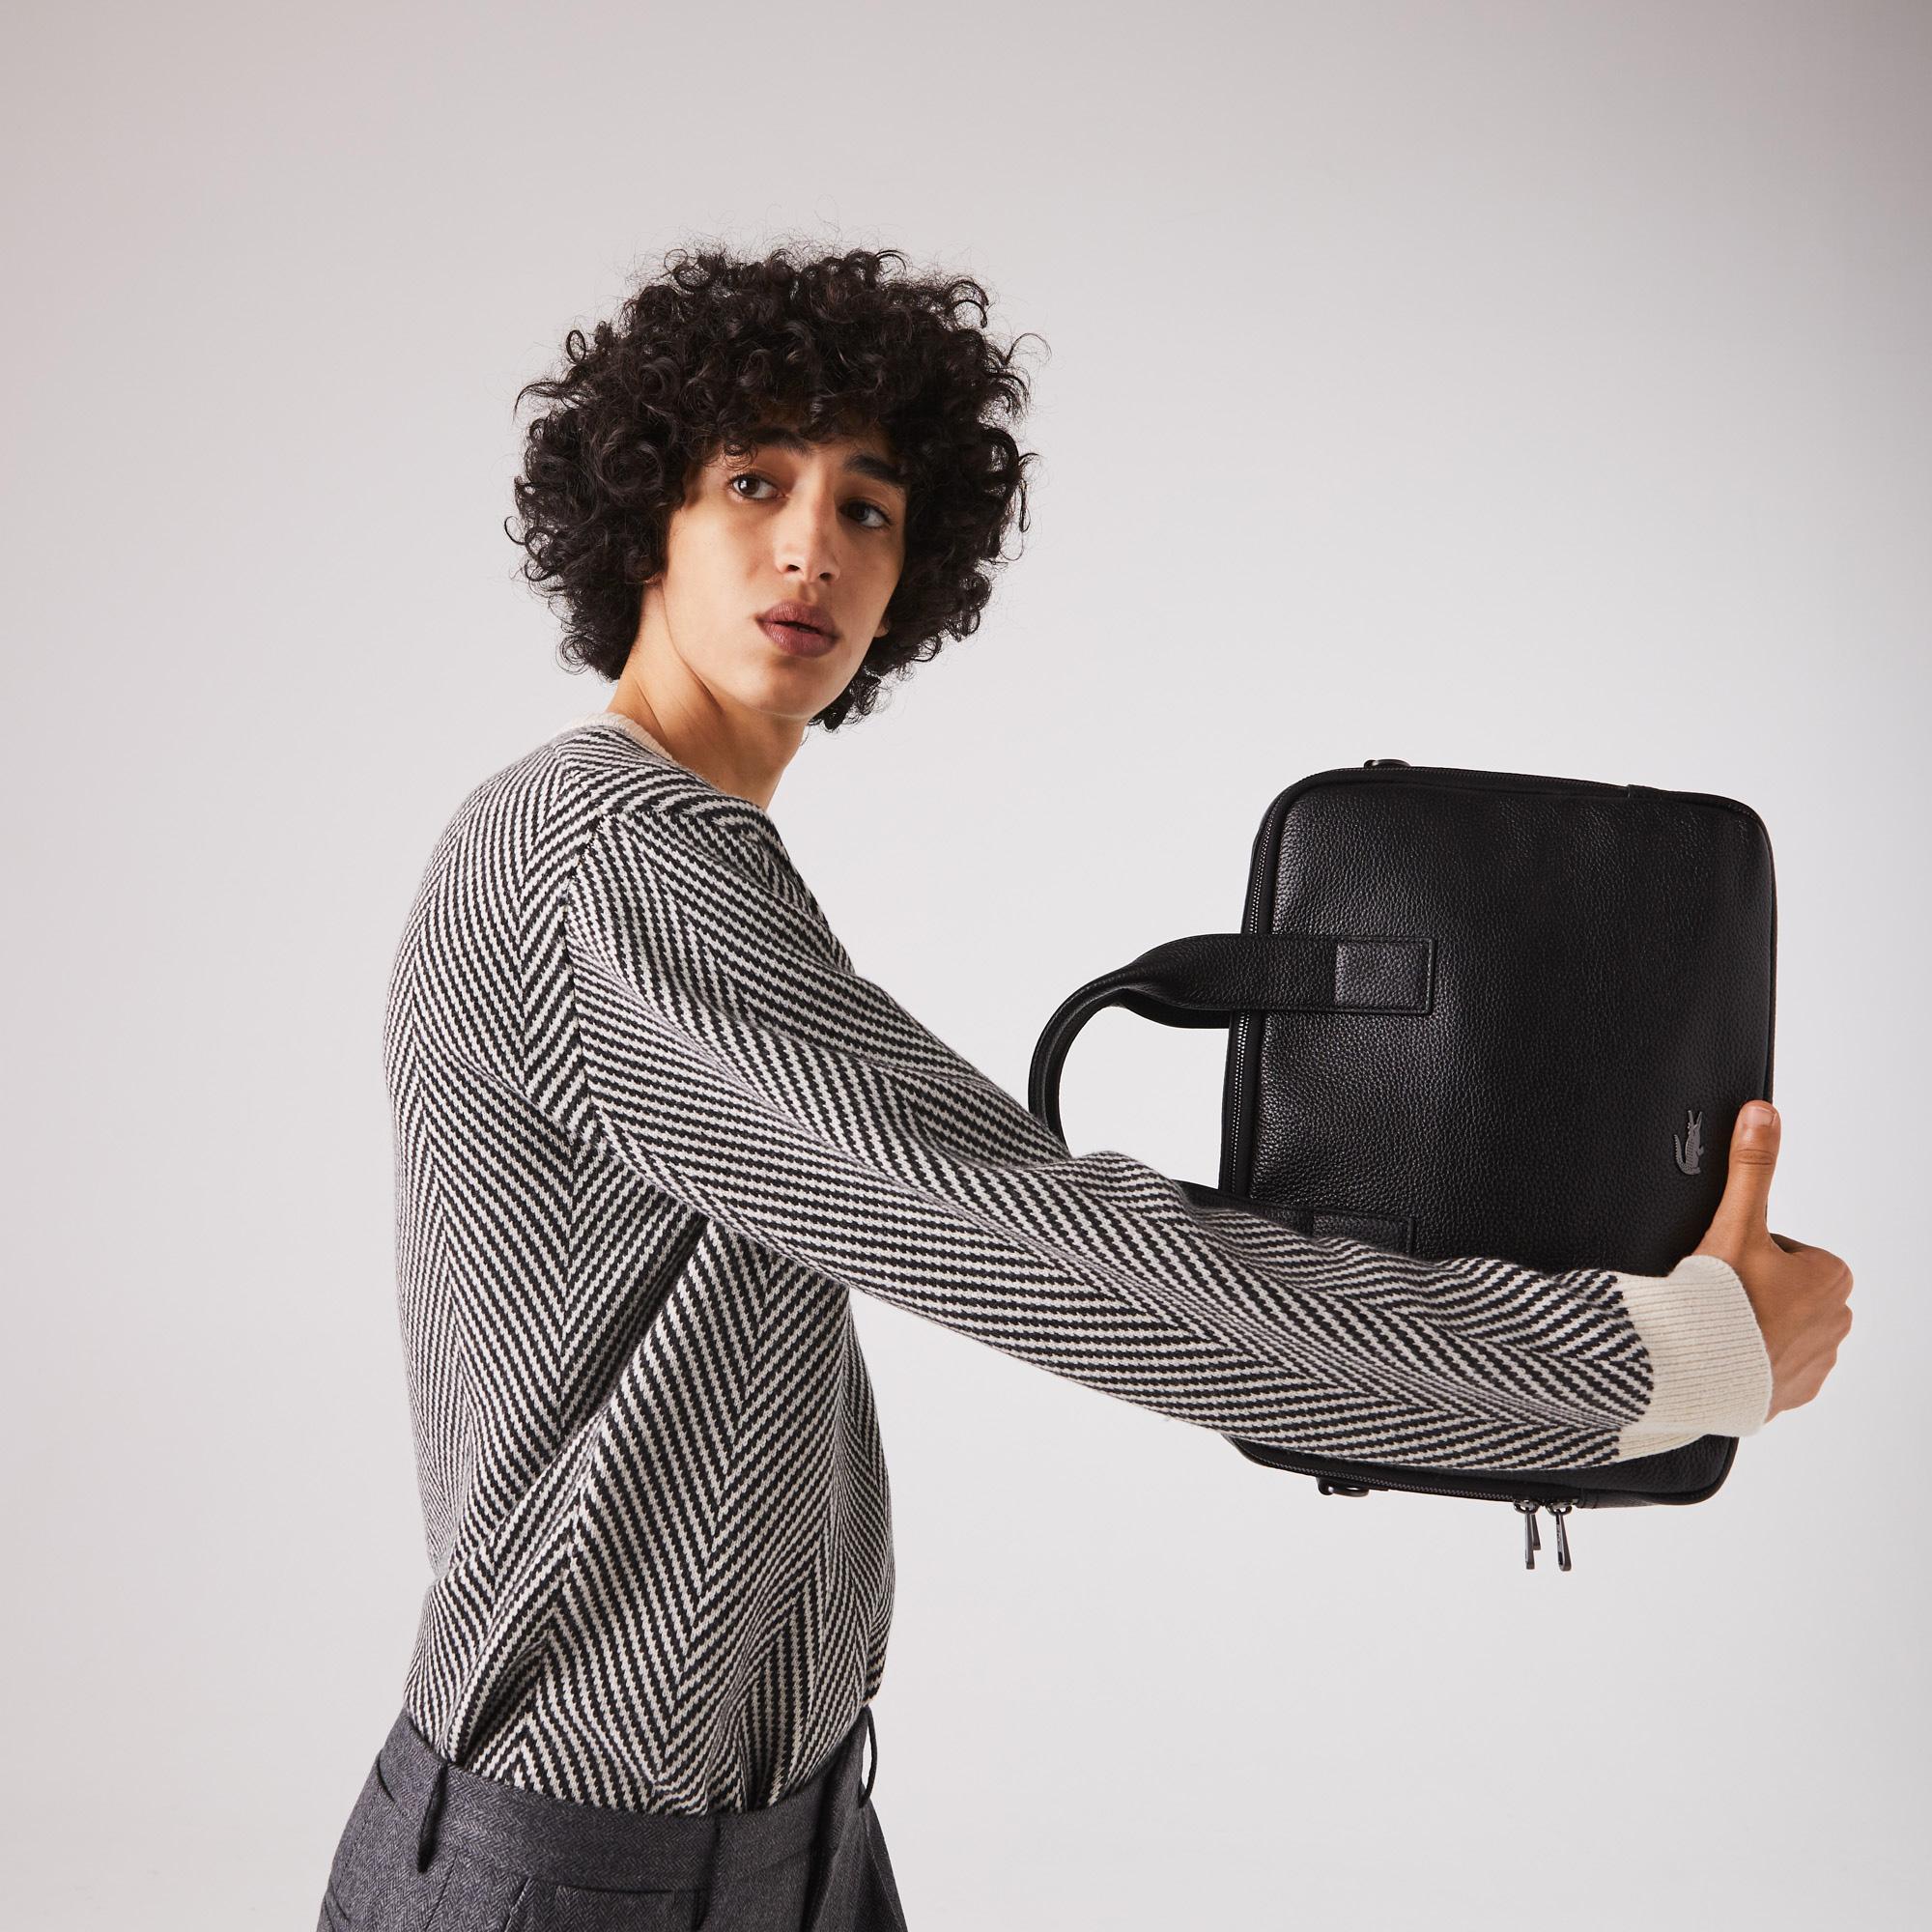 Lacoste Soft Mate Erkek Deri Siyah Bilgisayar Çantası